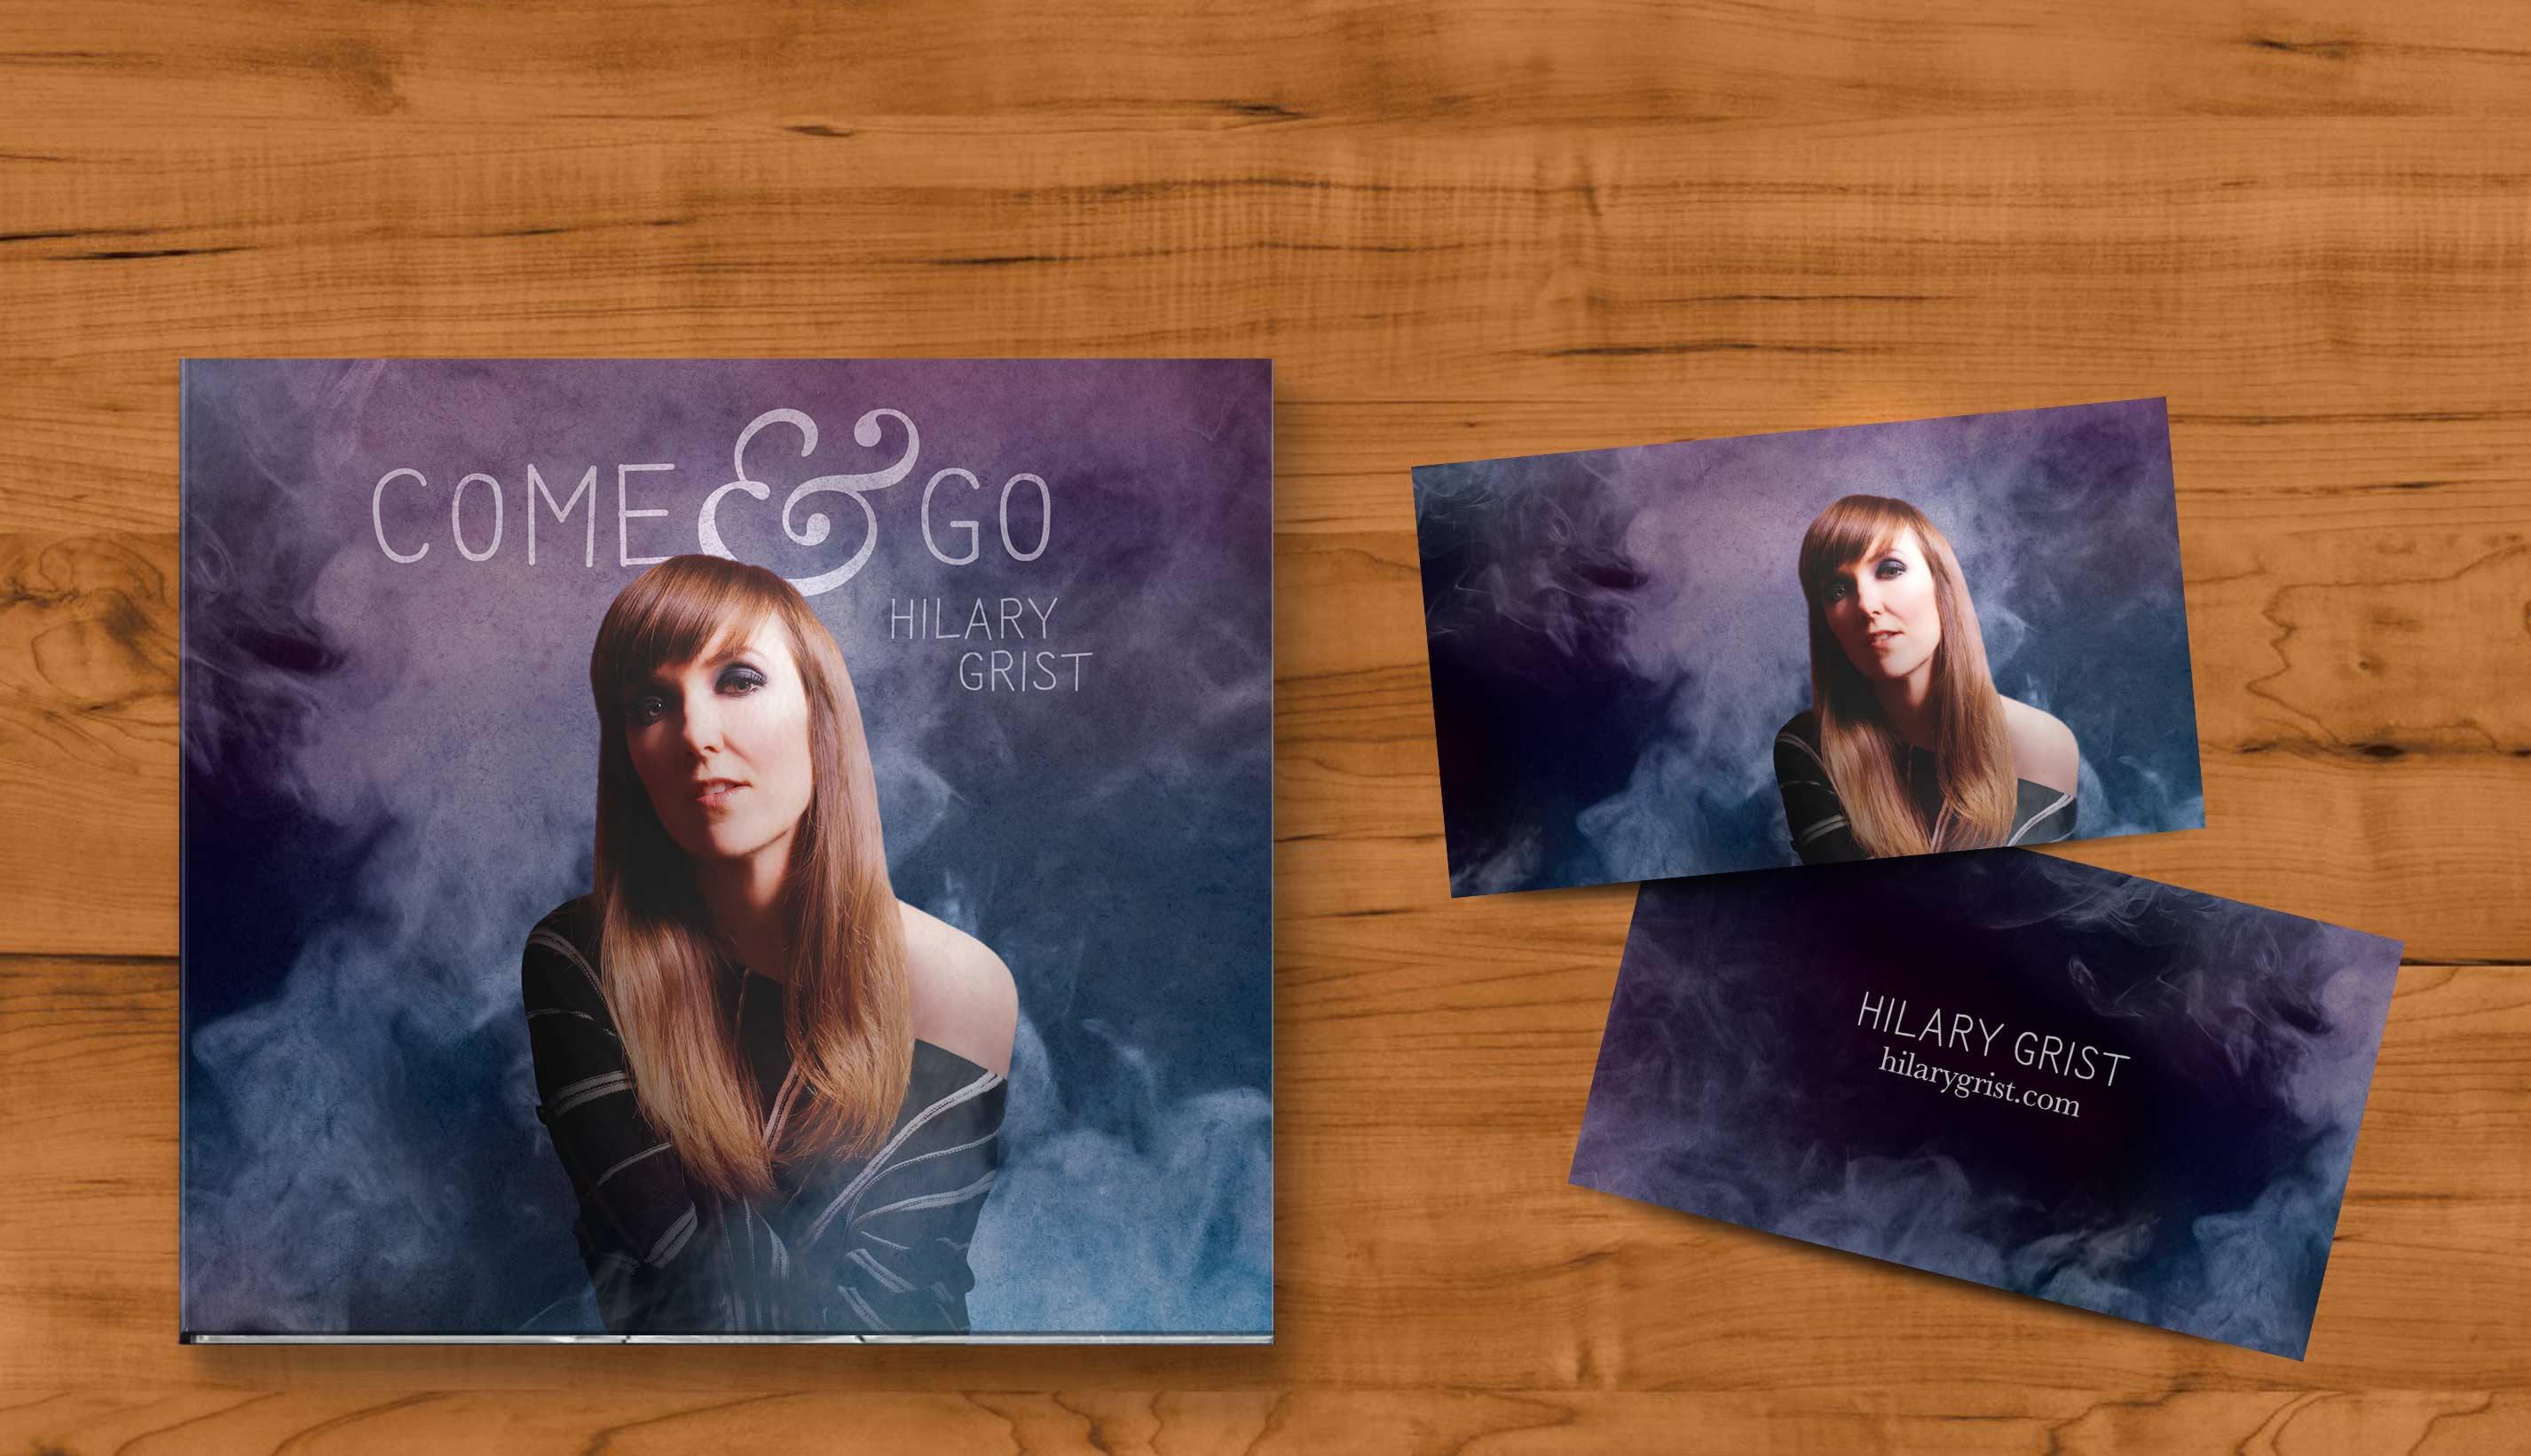 Cover art and branding for singer-songwriter musician Hilary Grist